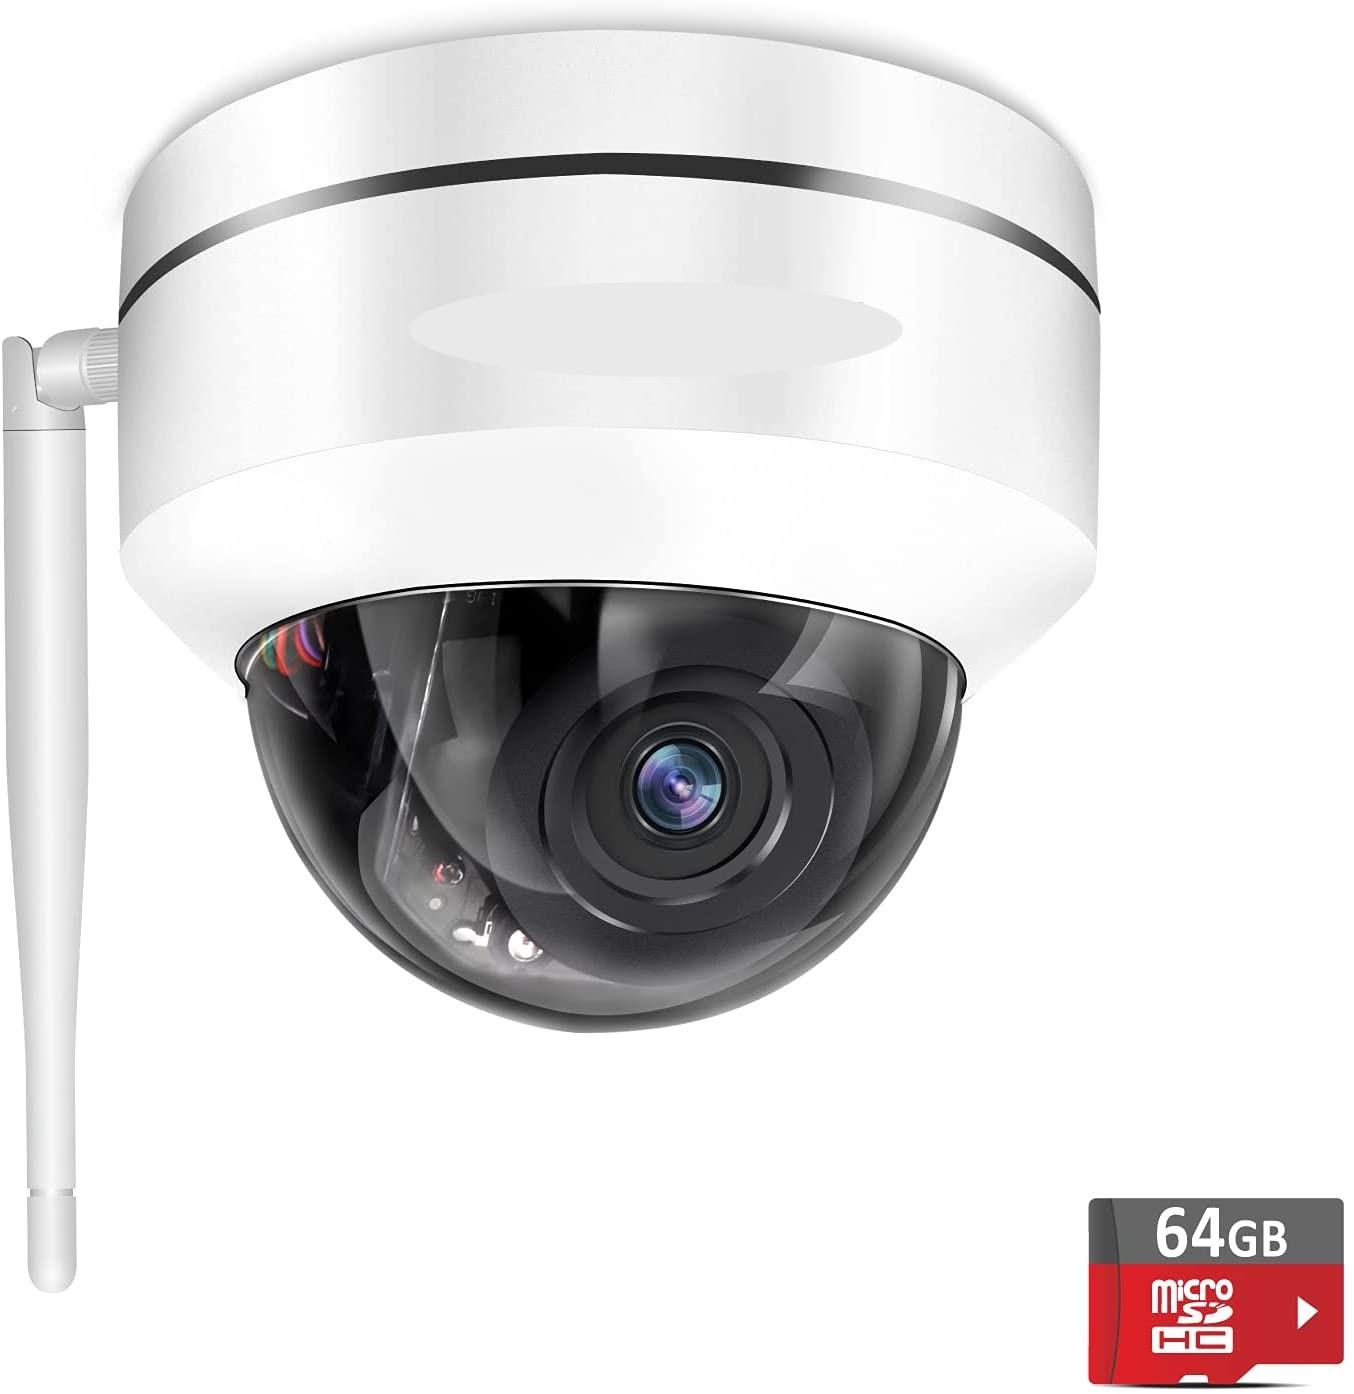 ドーム型PTZネットワークカメラ